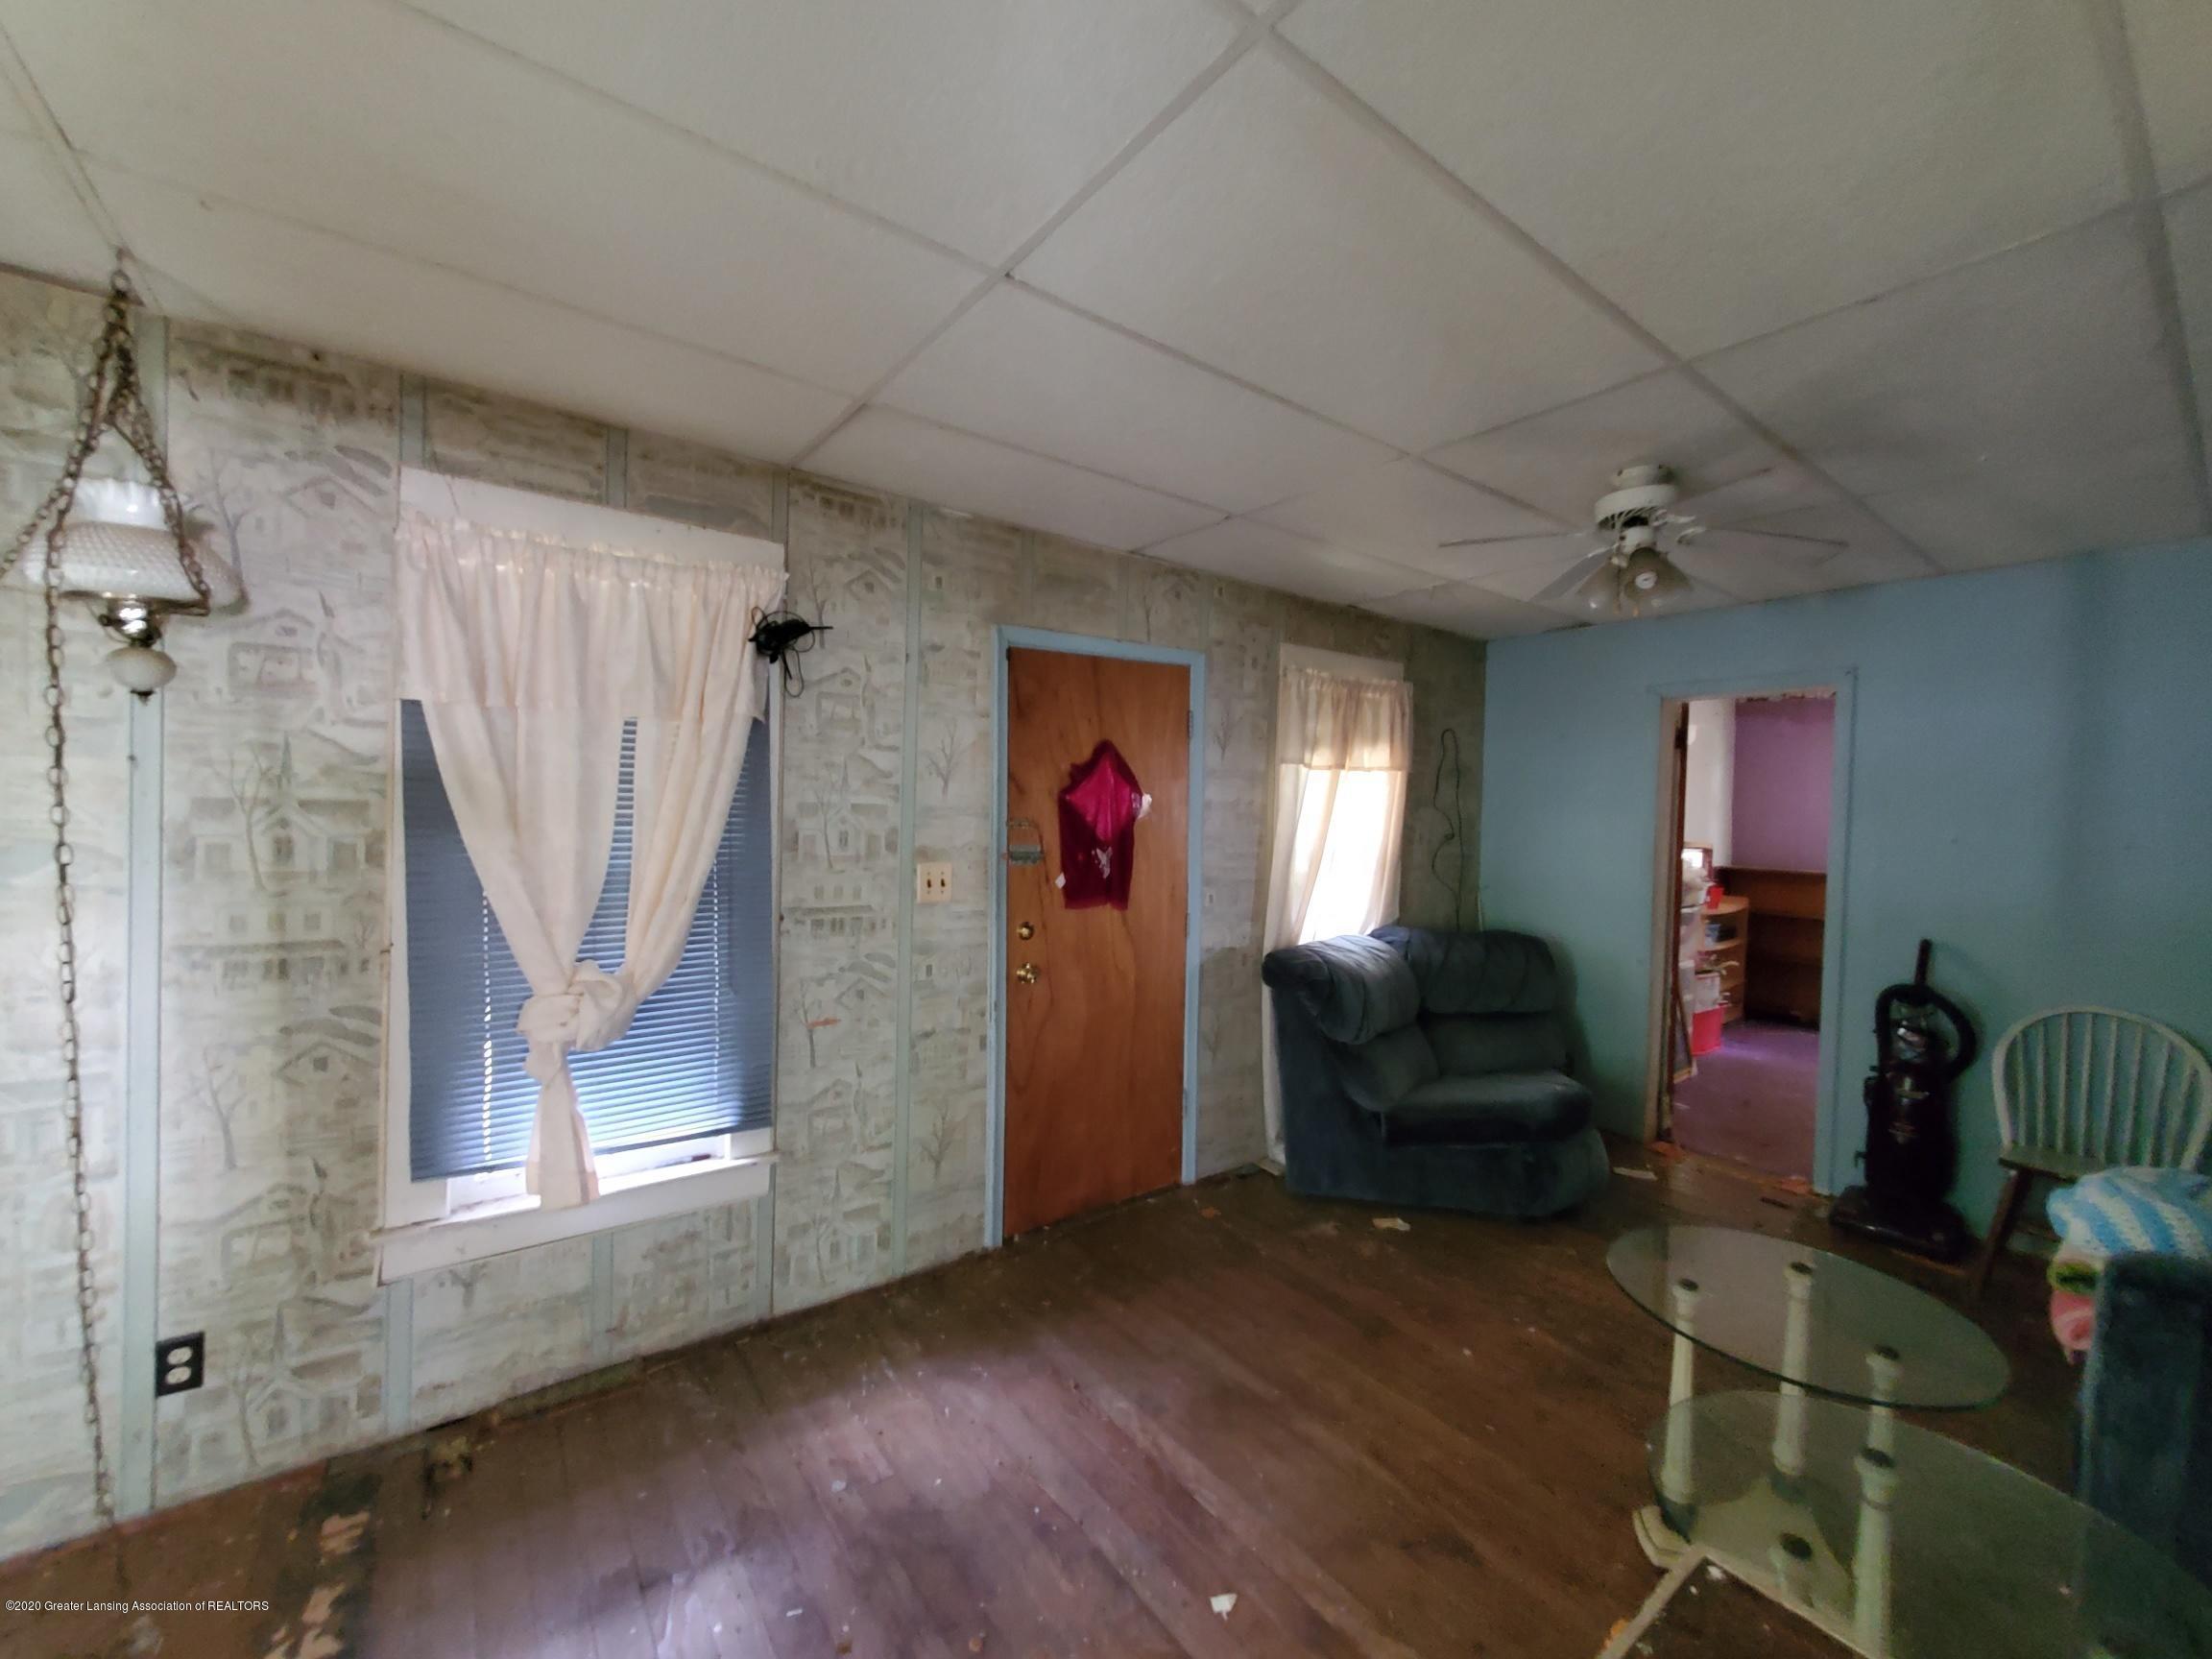 1319 Maryland Ave - 20200805_123922_resized - 4